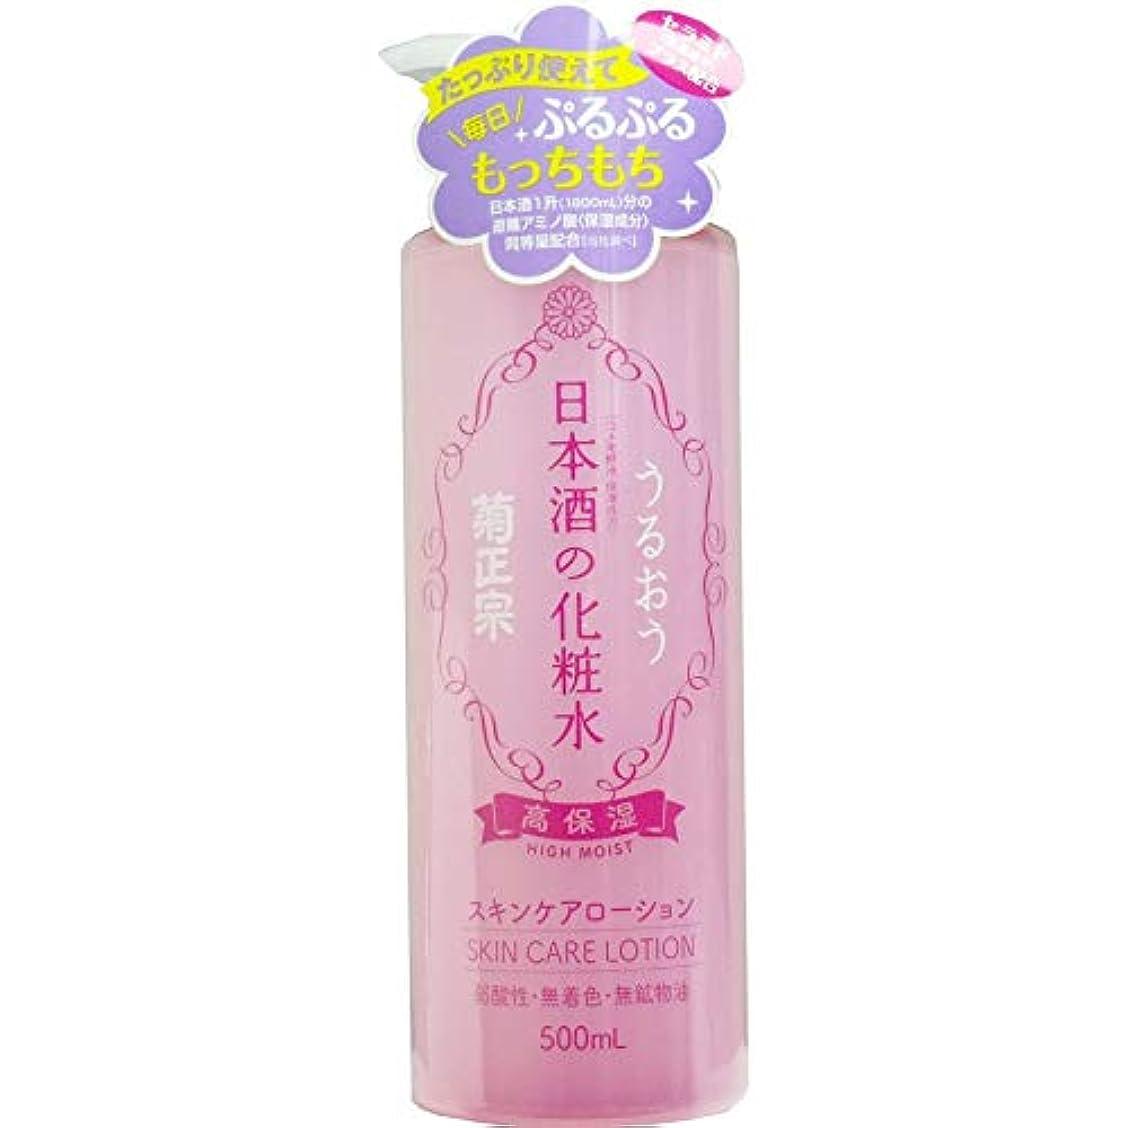 みがきます専門知識ハブブ日本酒の化粧水 菊政宗 化粧水 500ml×2本セット